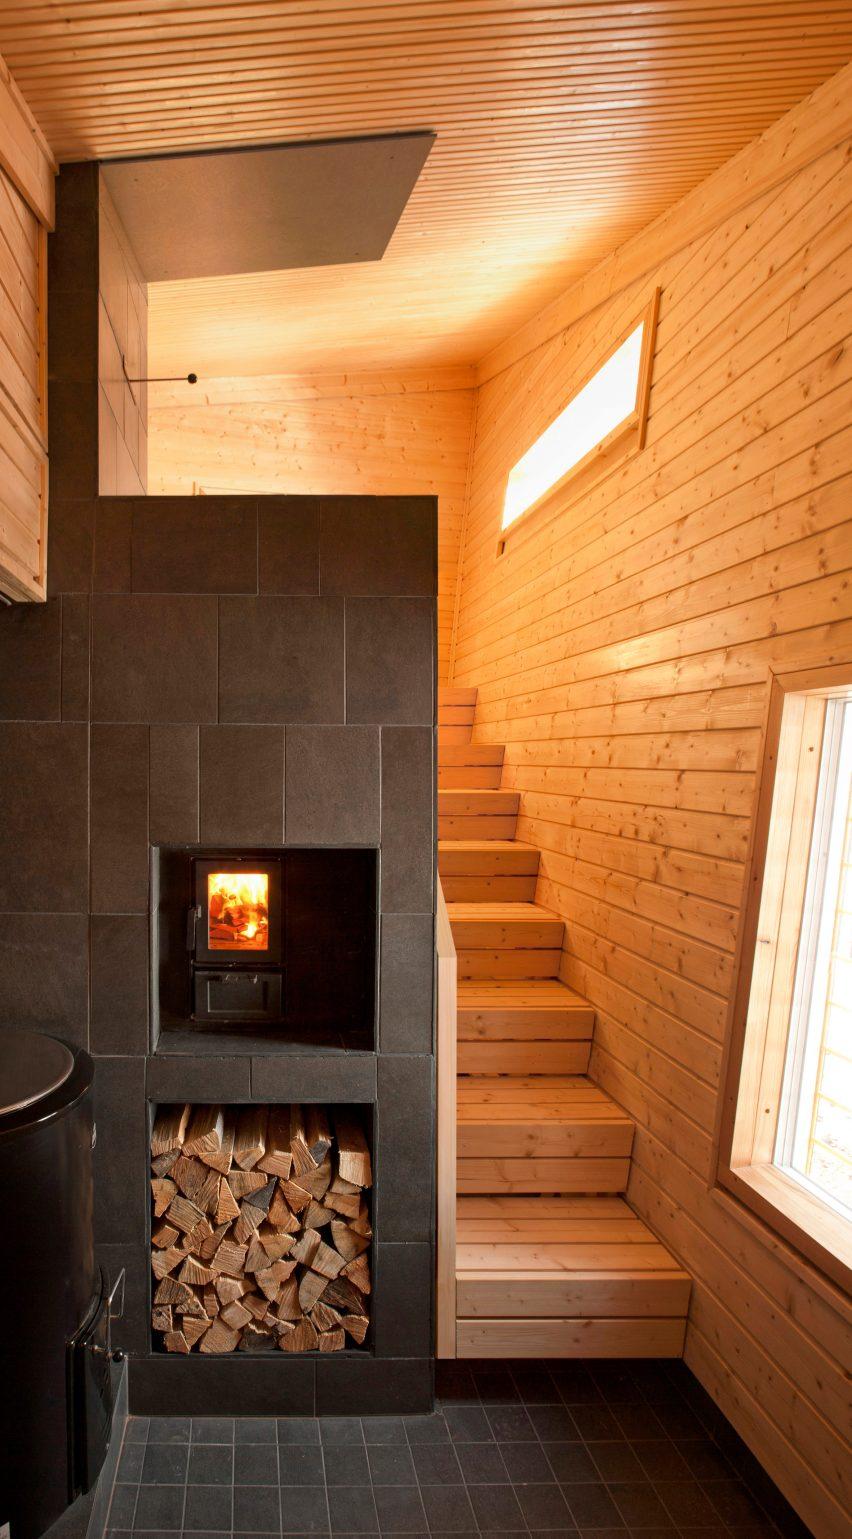 Toni Yli-Suvanto's sauna